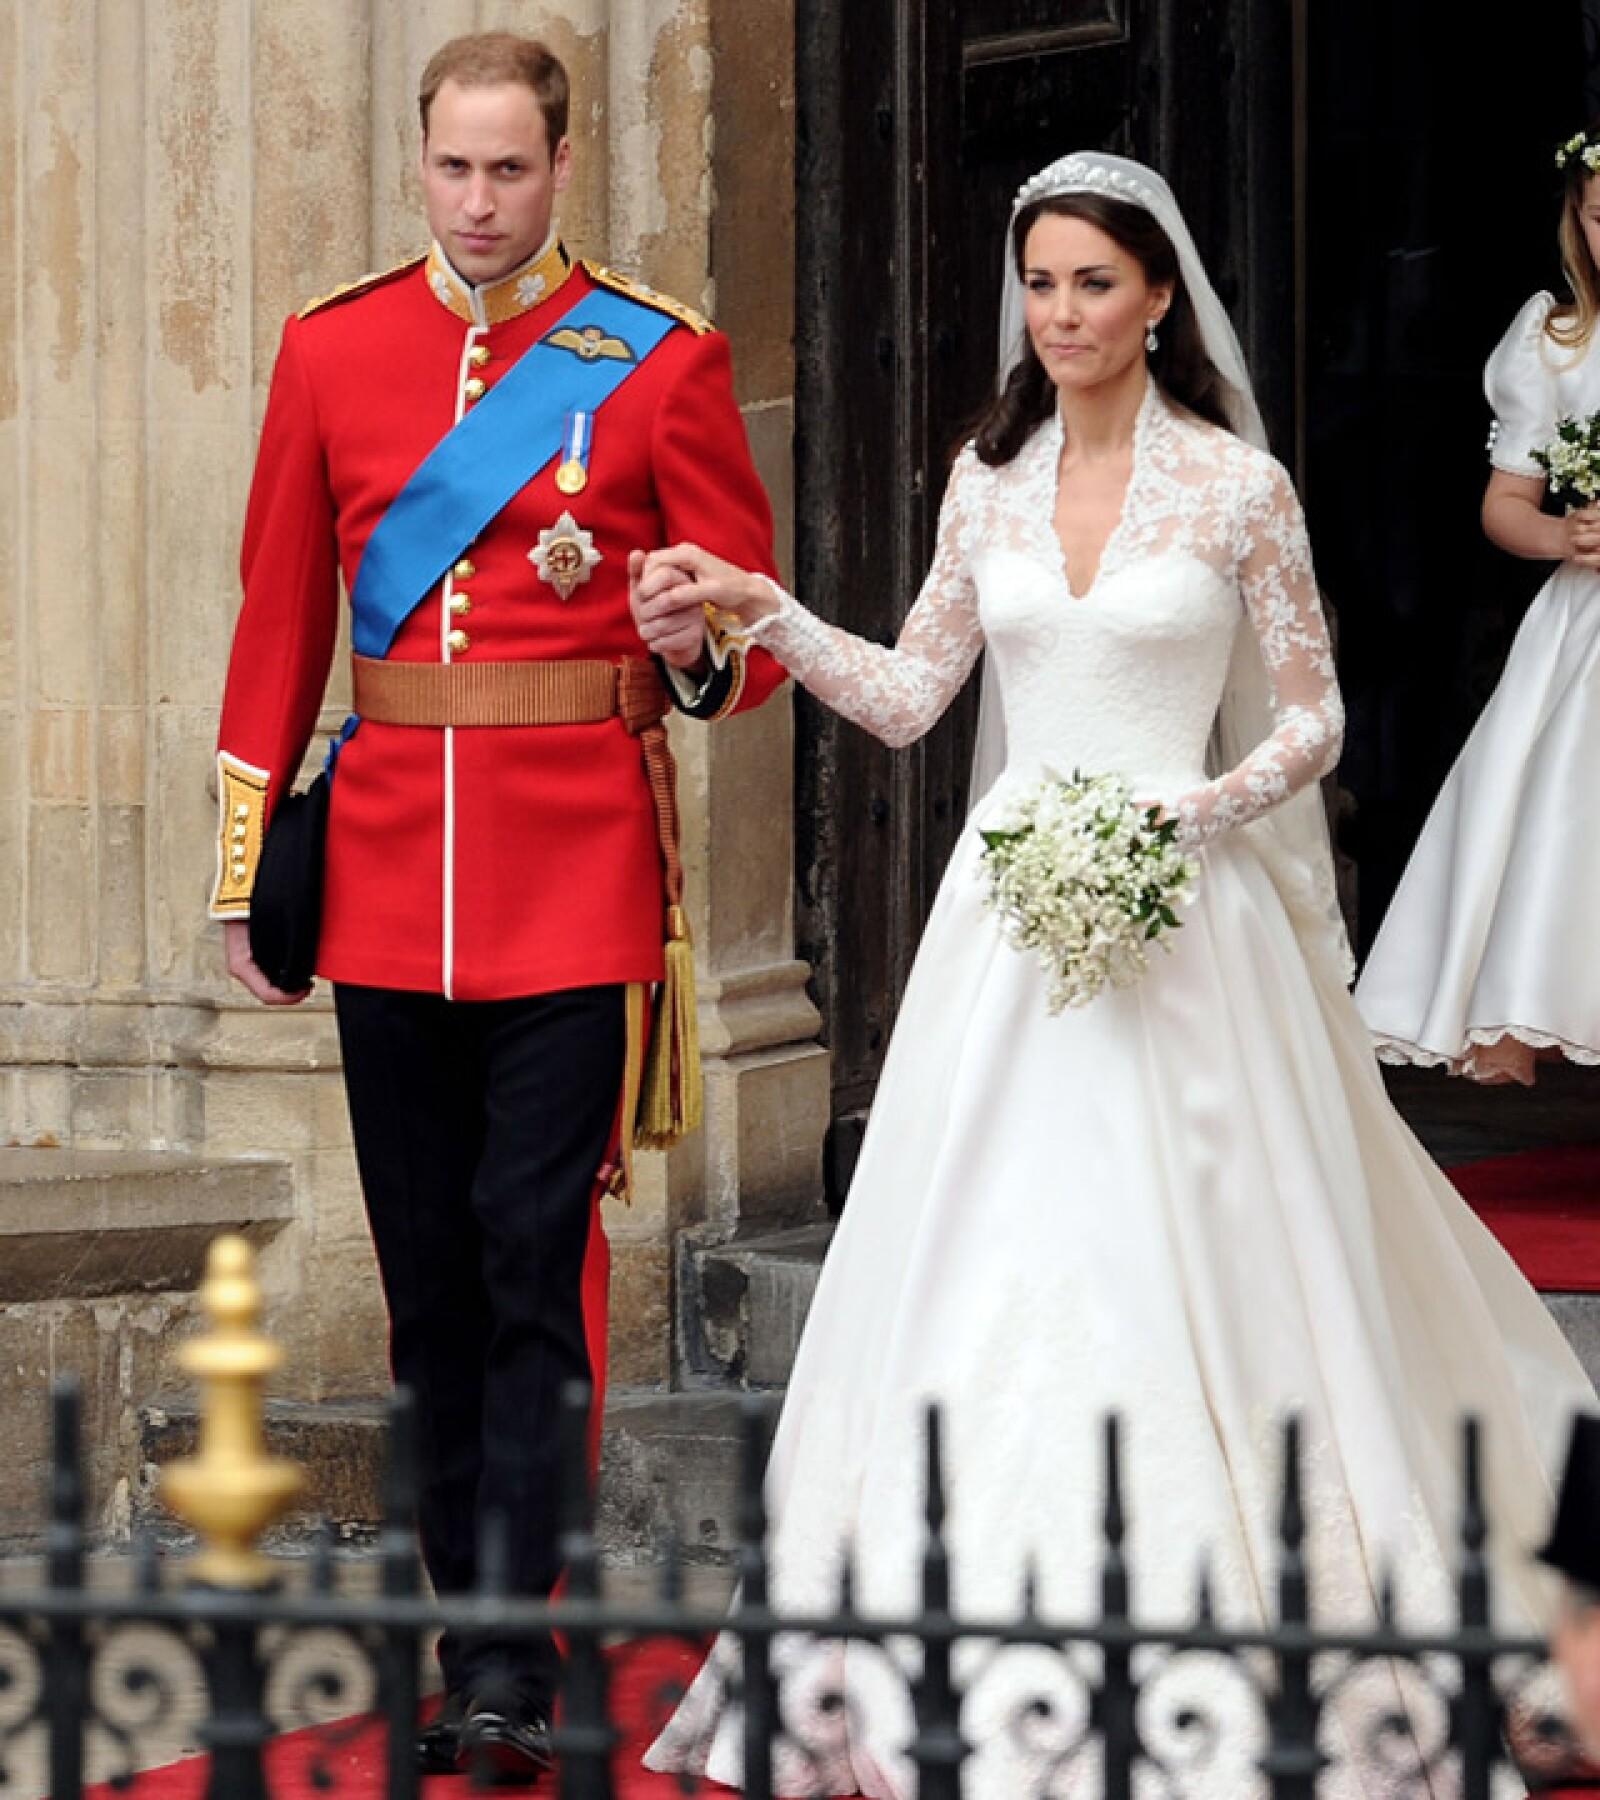 Diseñado por Sarah Burton, directora creativa de Alexander Moqueen, su vestido de novia se caracterizó por su sencillez y buen gusto.